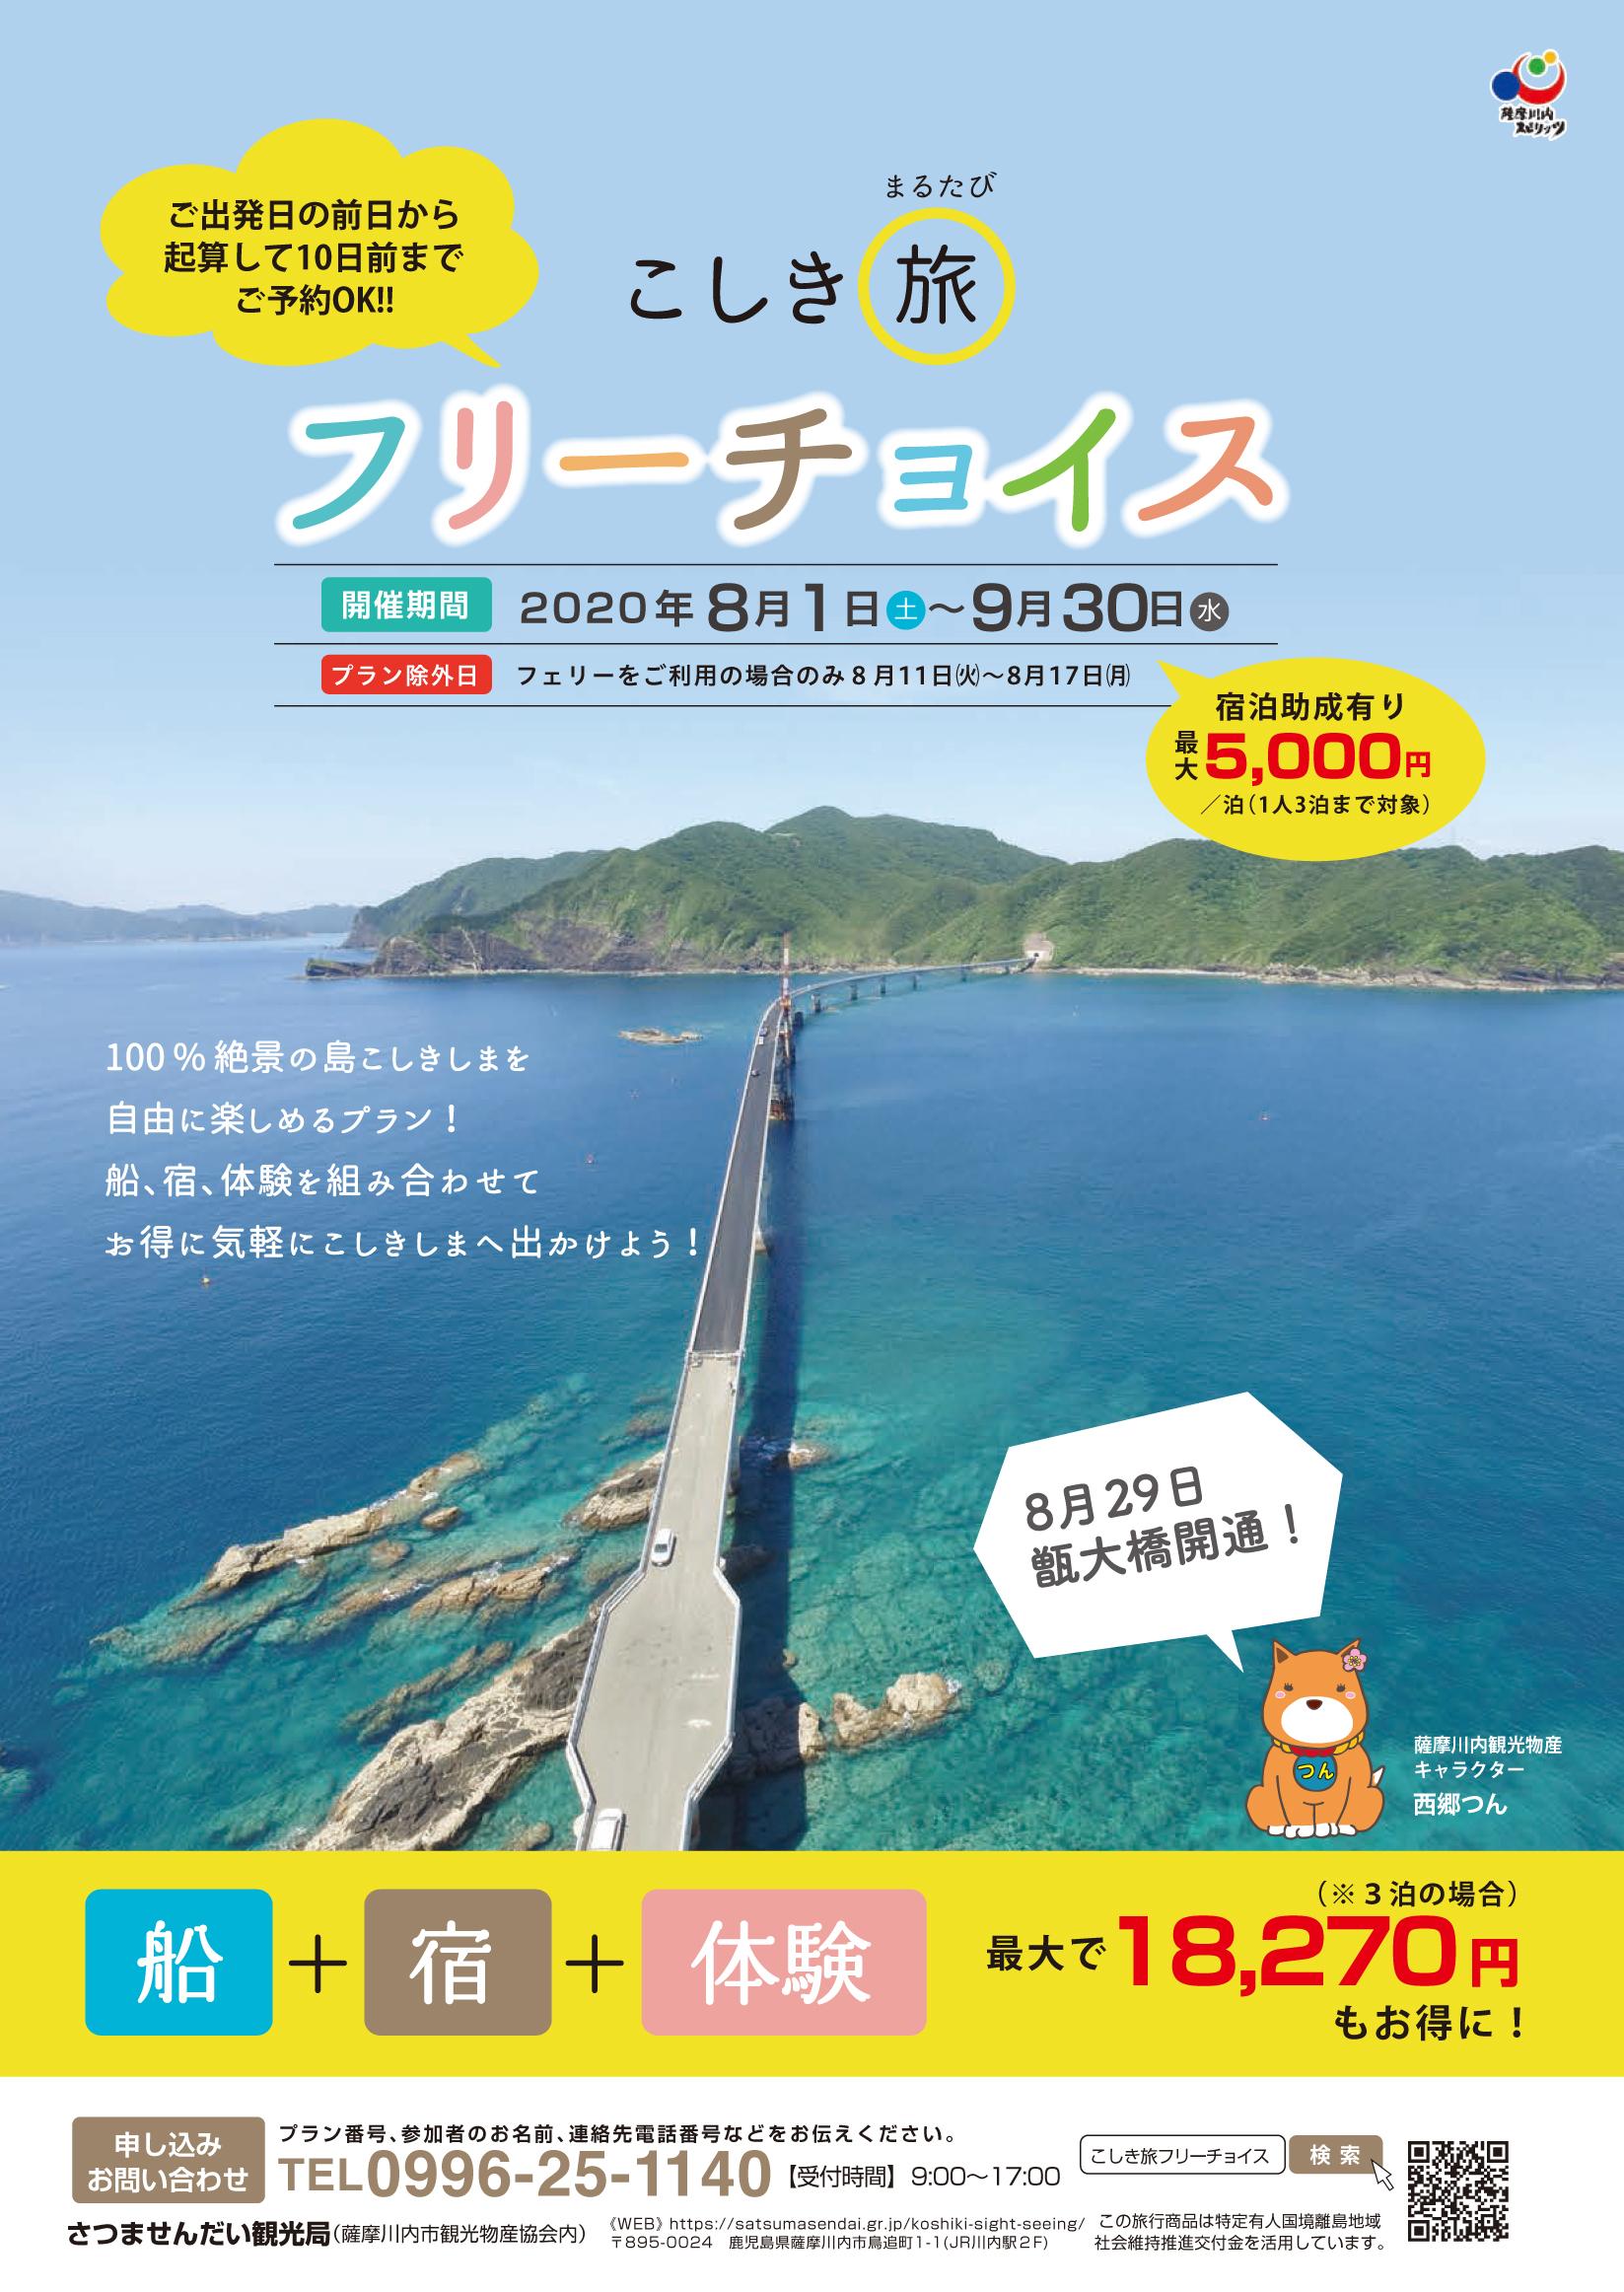 甑島をお得に旅しよう! 2020 こしきまる旅フリーチョイス 販売開始!